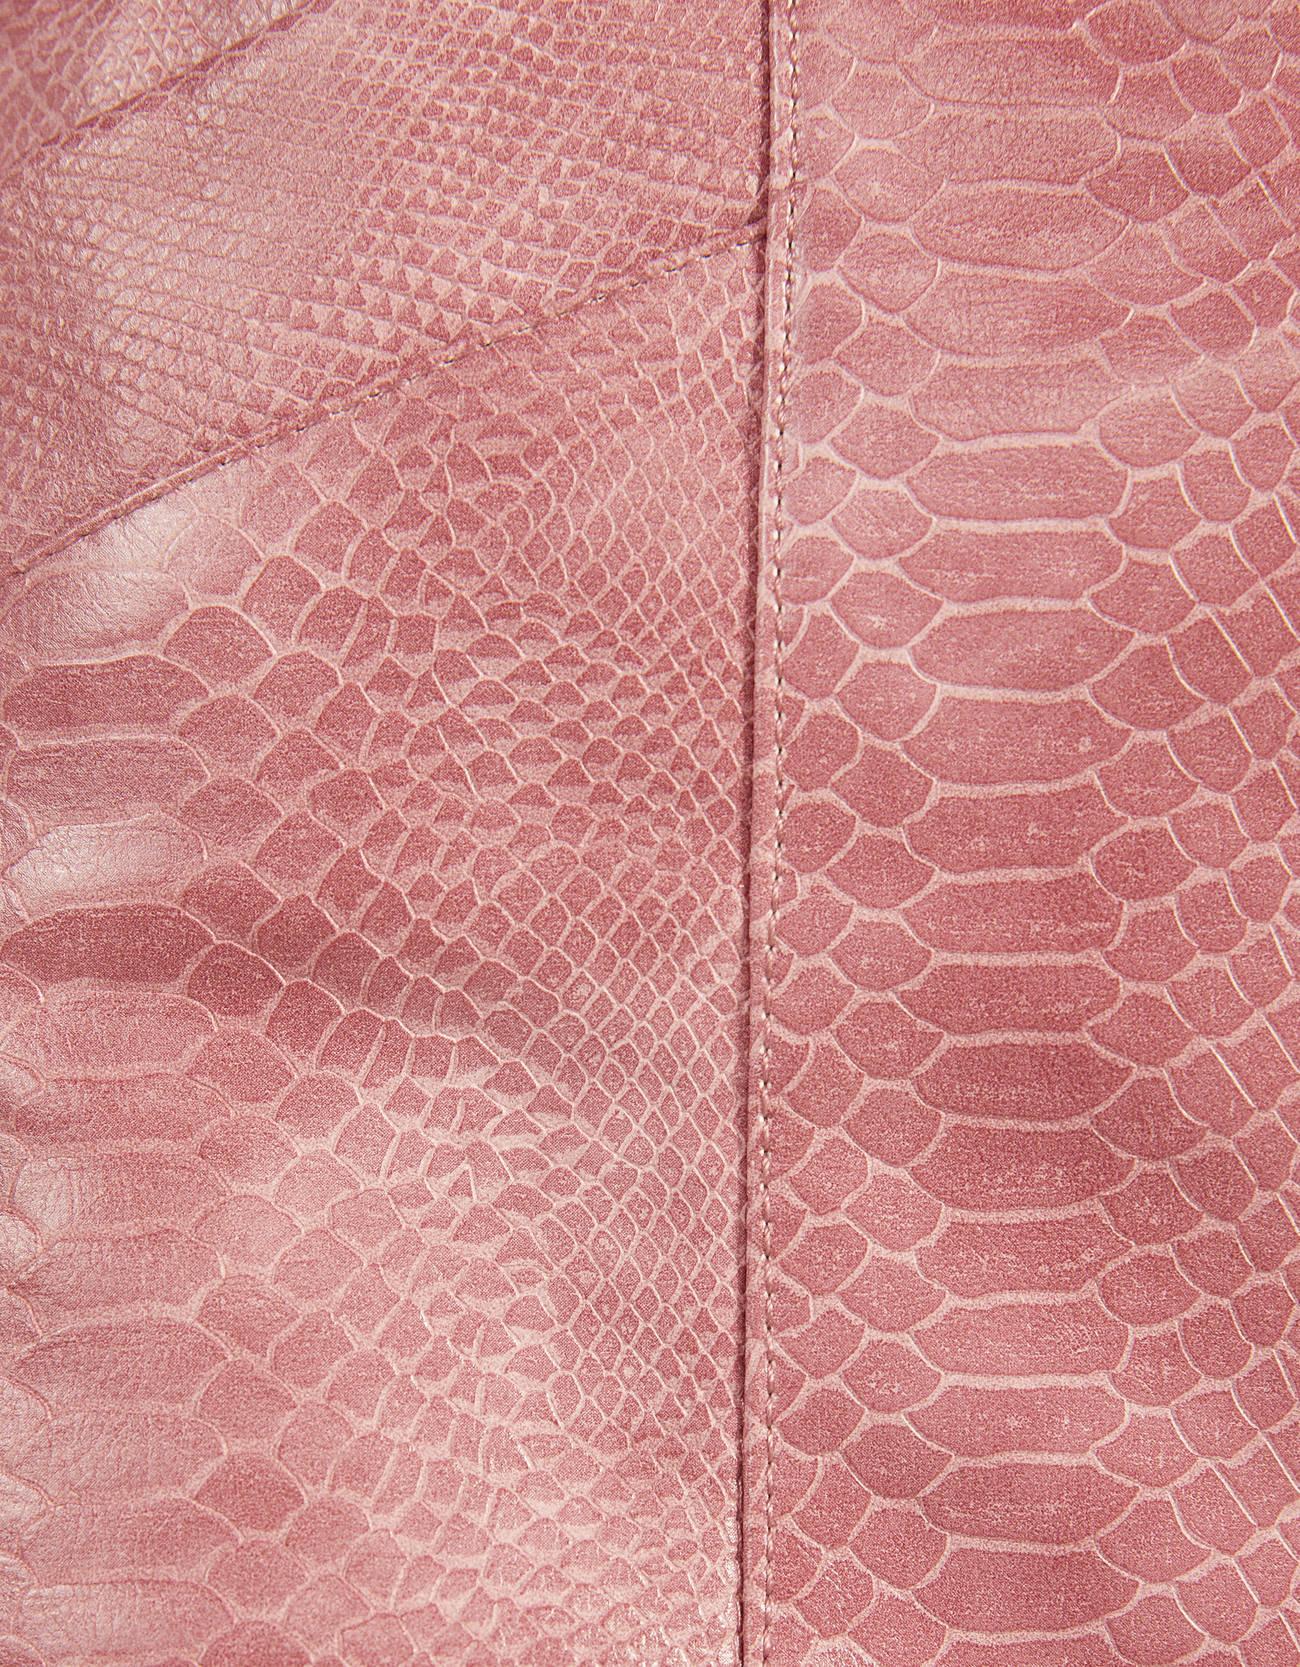 Юбка с тиснением под крокодиловую кожу Розовый Bershka